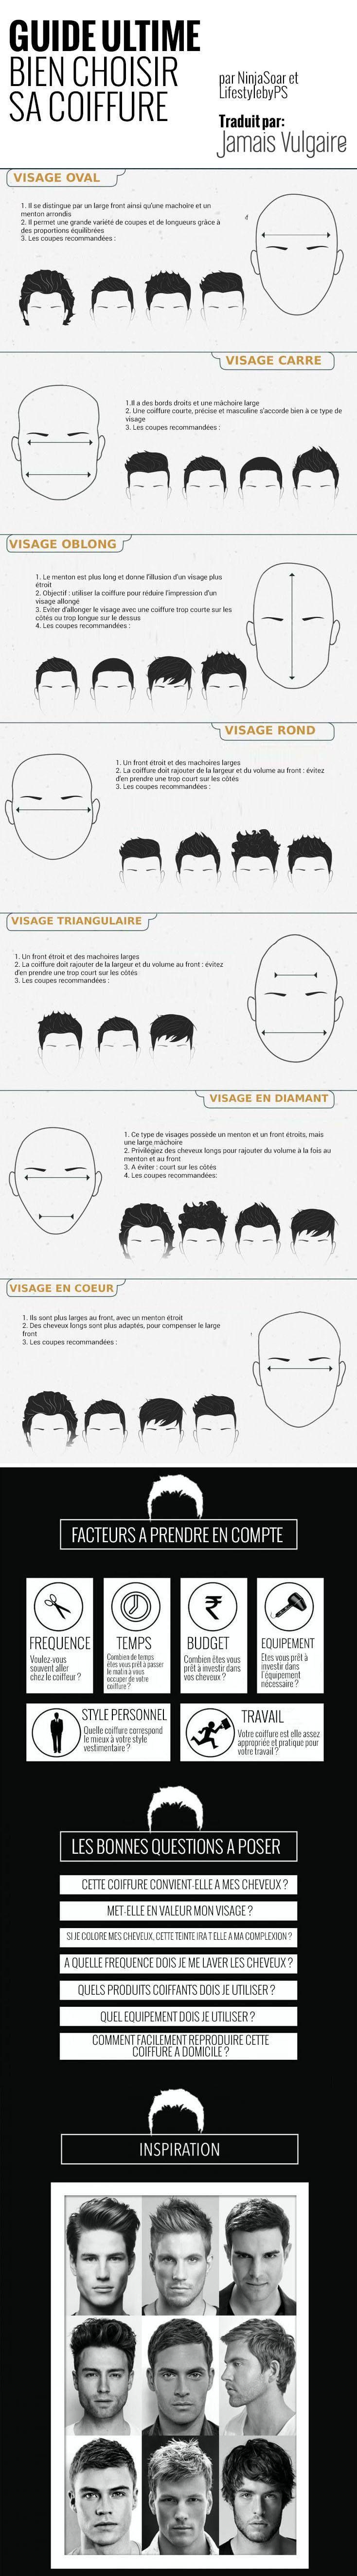 Infographie et conseils mode homme: bien choisir sa coiffure en fonction de la forme de son visage, et les bonnes questions à poser à son coiffeur